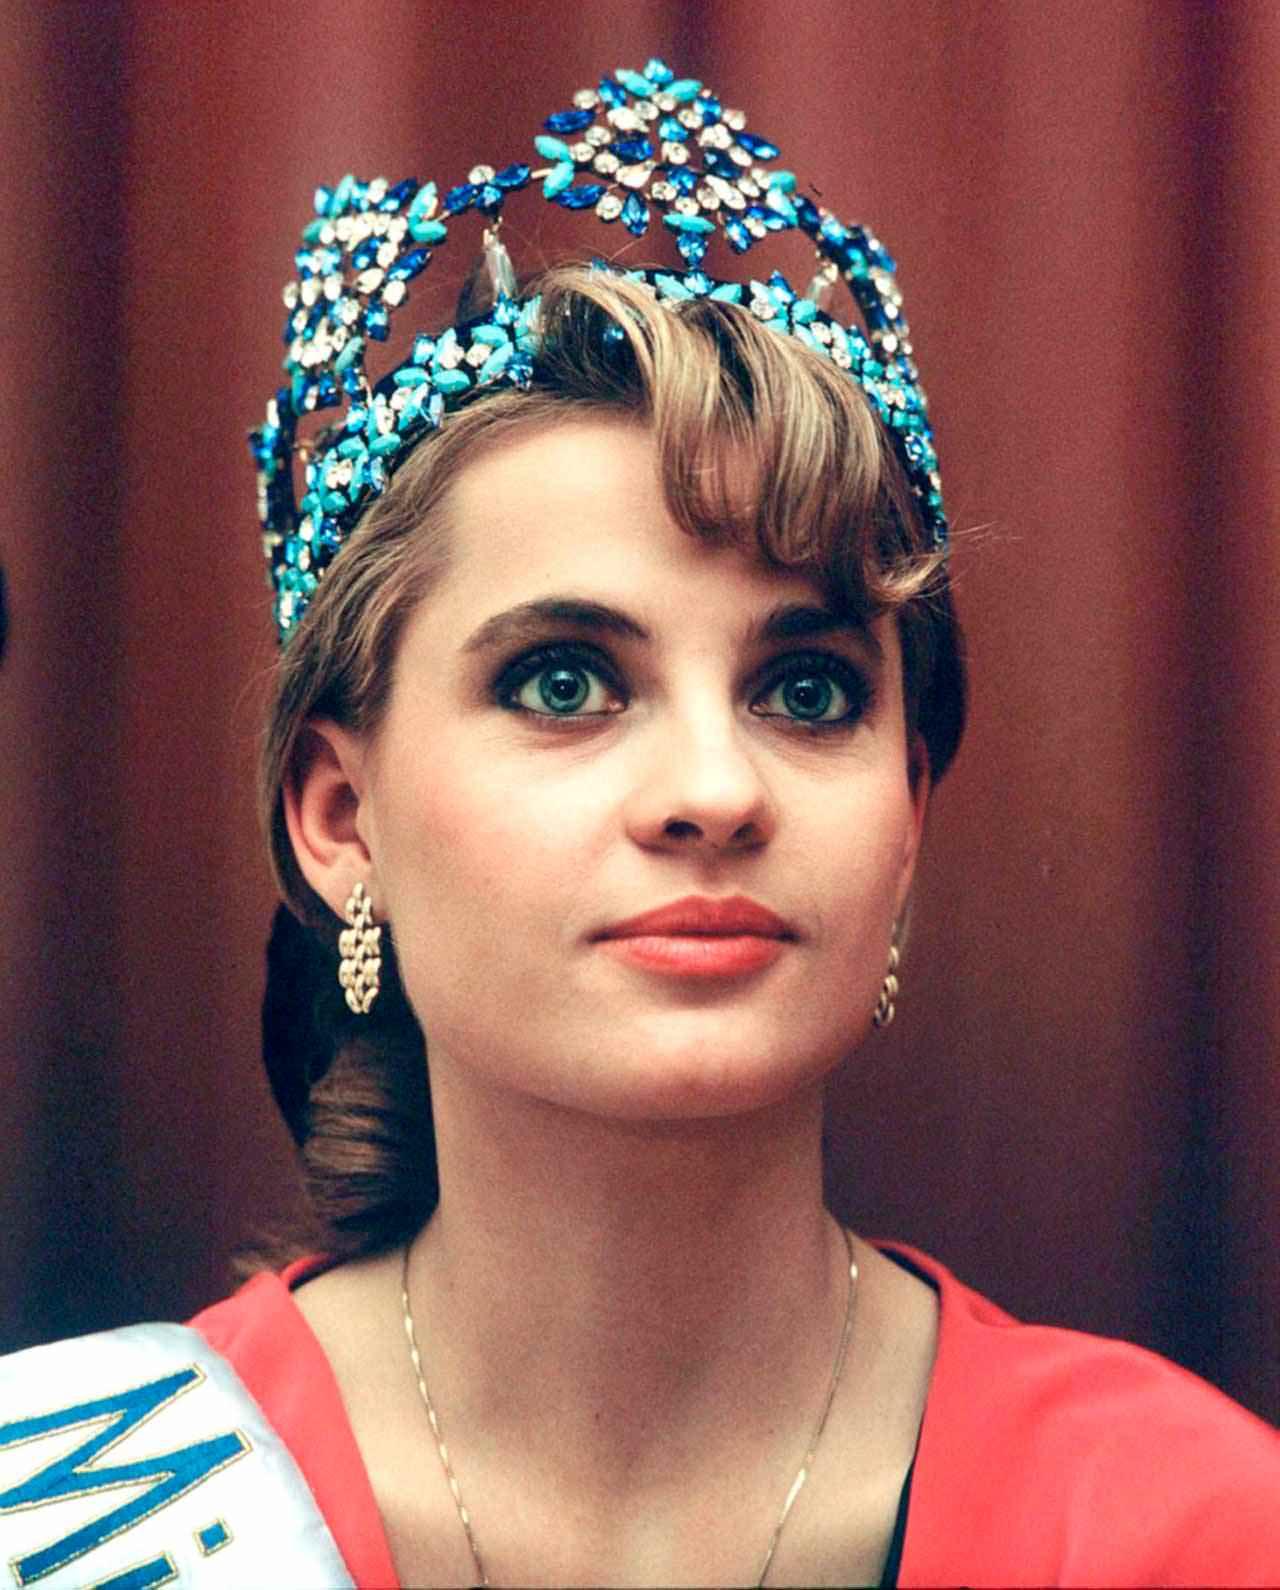 Фото | Мисс Мира 1989 года Анета Кренглицка